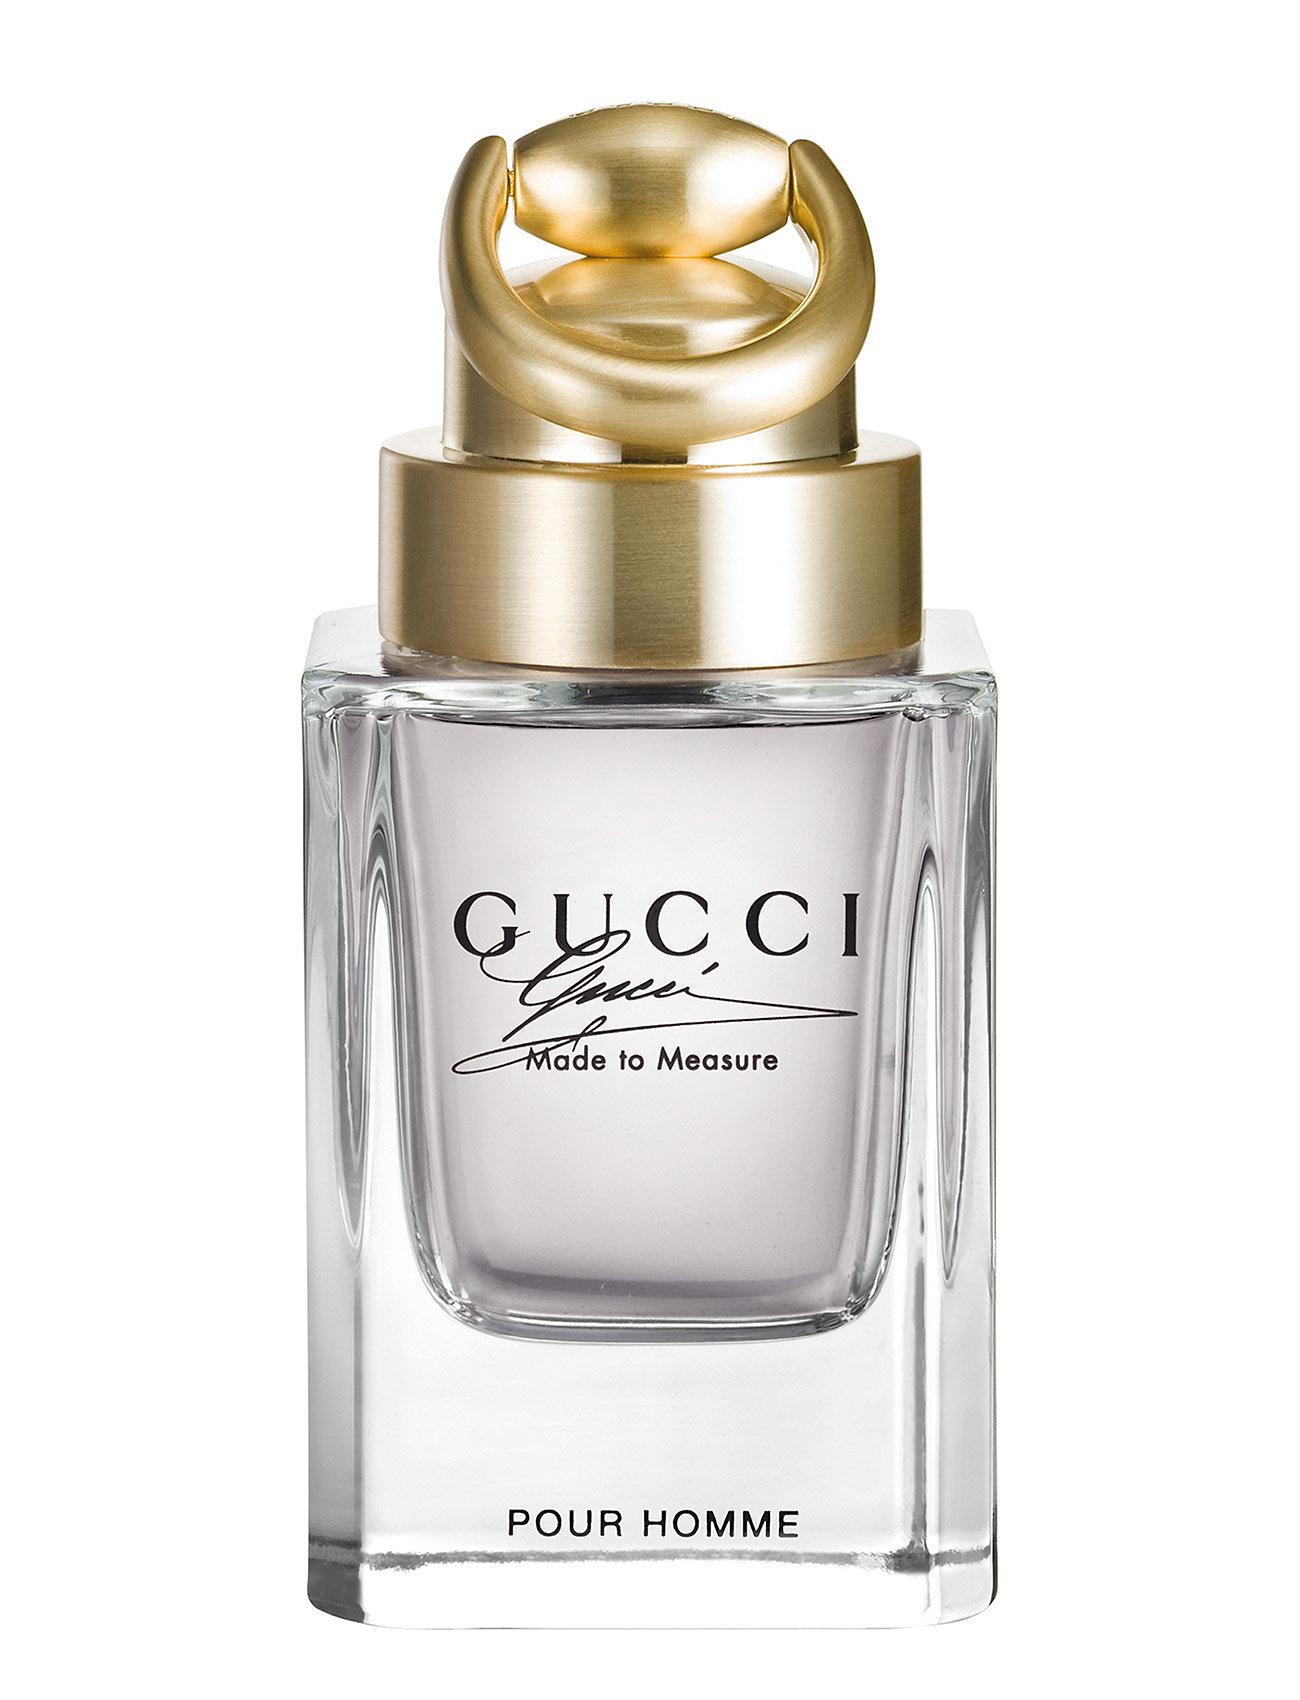 Gucci made to measure eau de toilet fra gucci på boozt.com dk